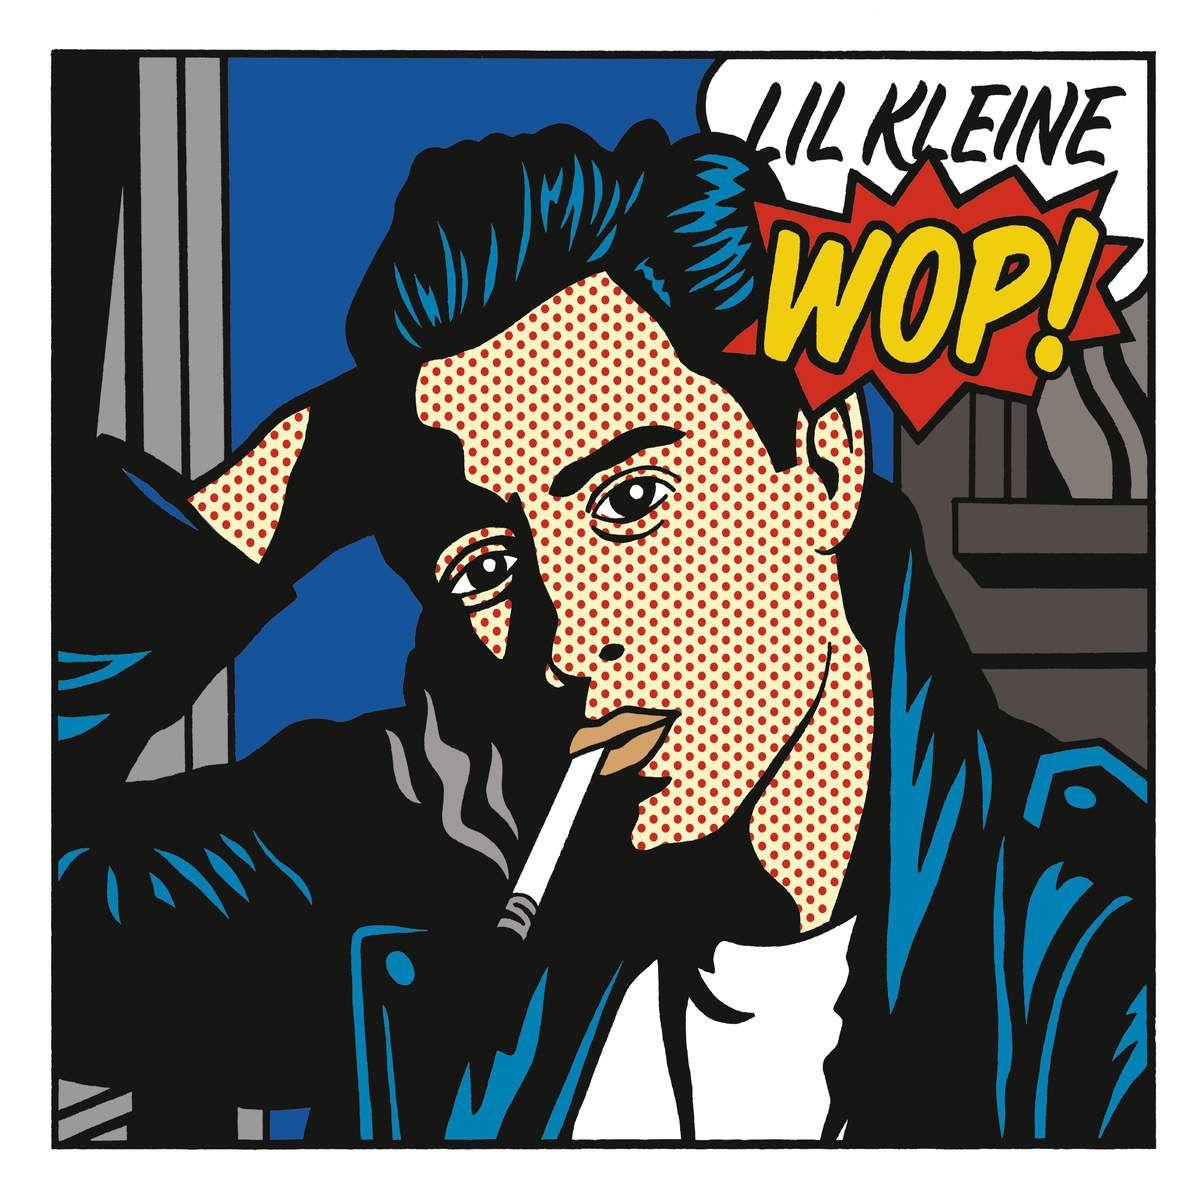 Lil' Kleine - Wop! album cover